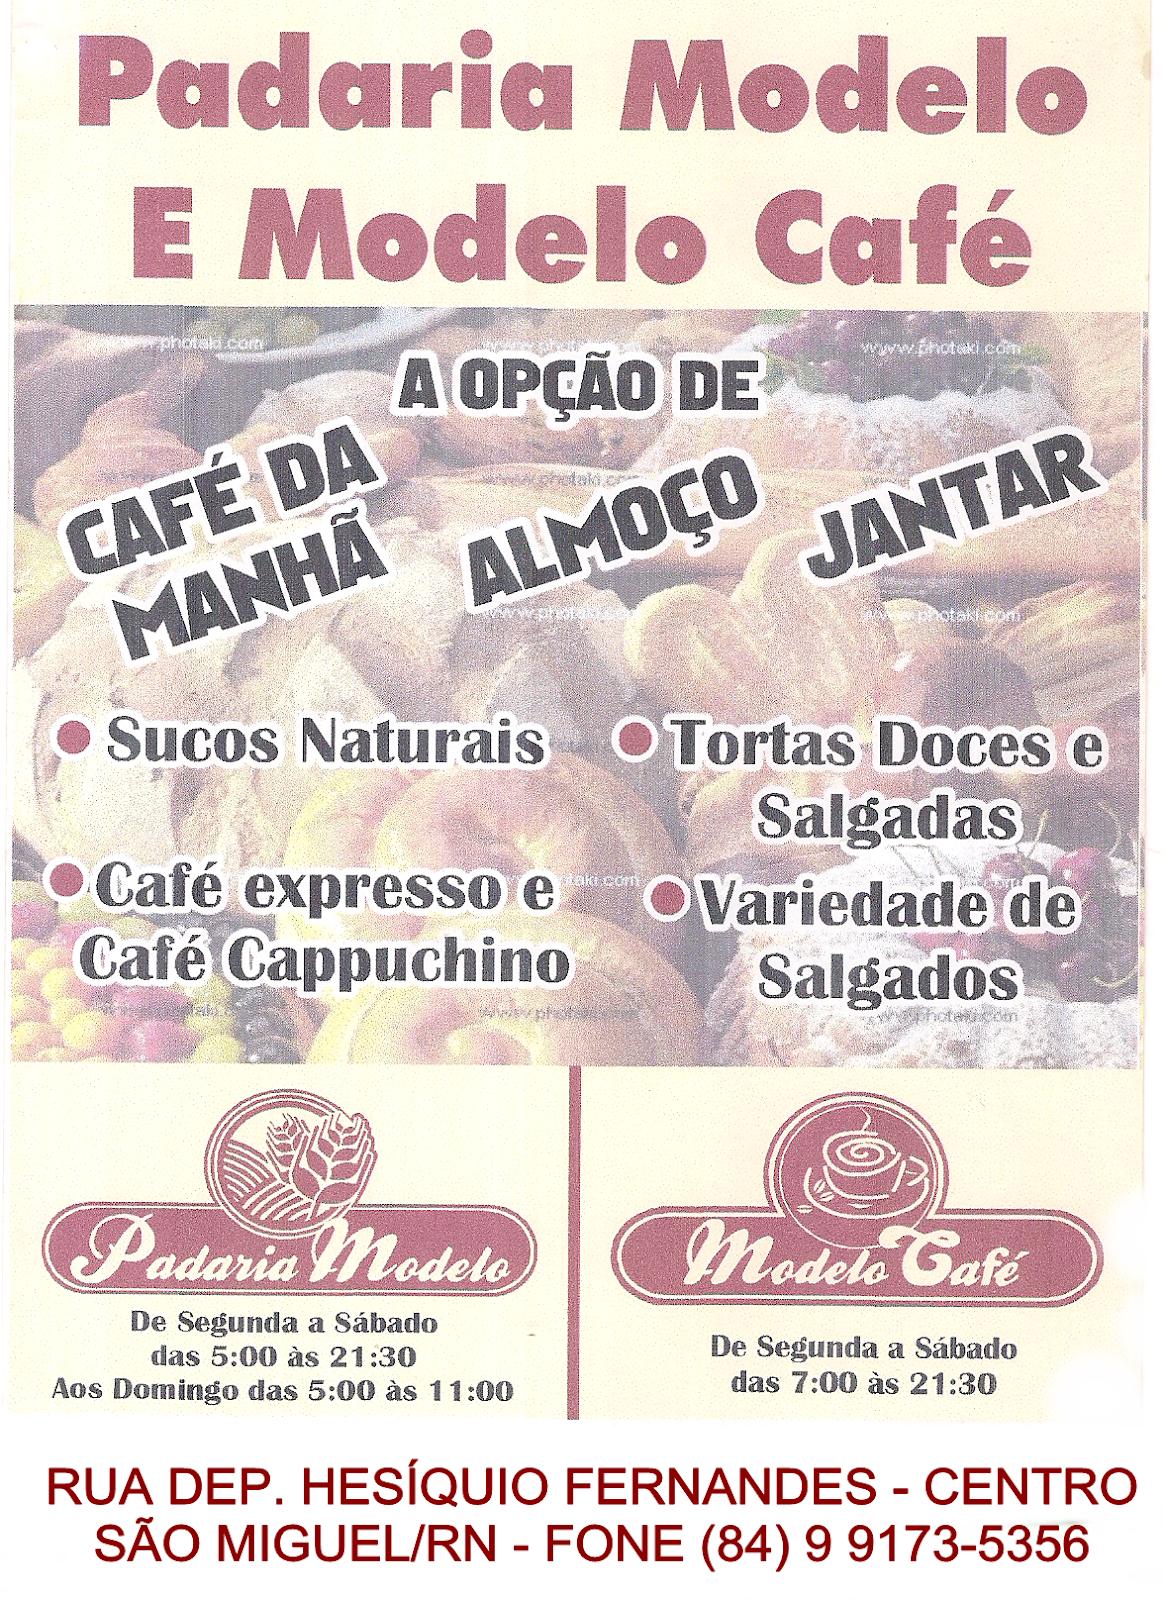 PADARIA MODELO E MODELO CAFÉ